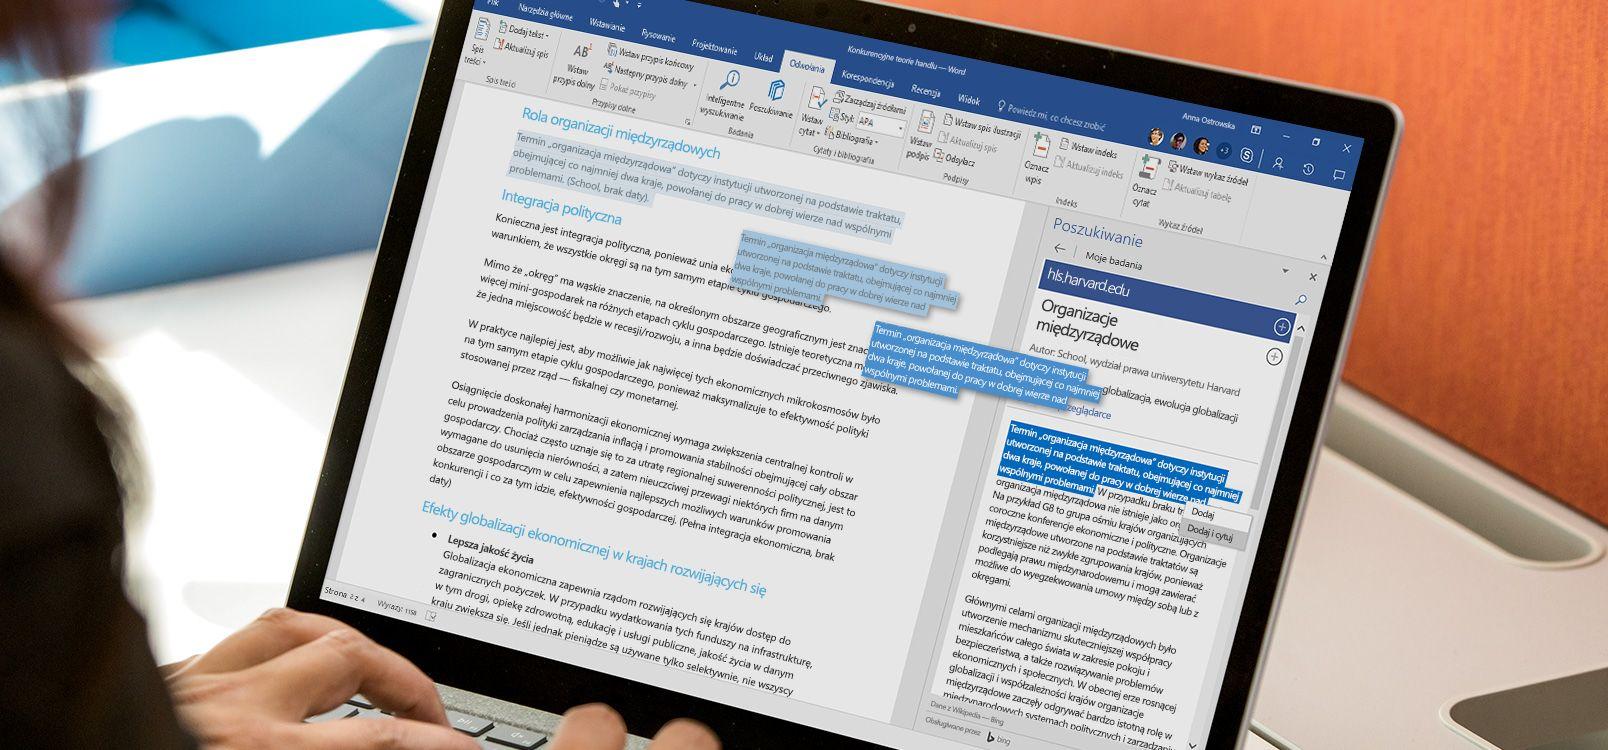 Ekran komputera przenośnego przedstawiający dokument programu Word, w którym jest używana funkcja Poszukiwanie